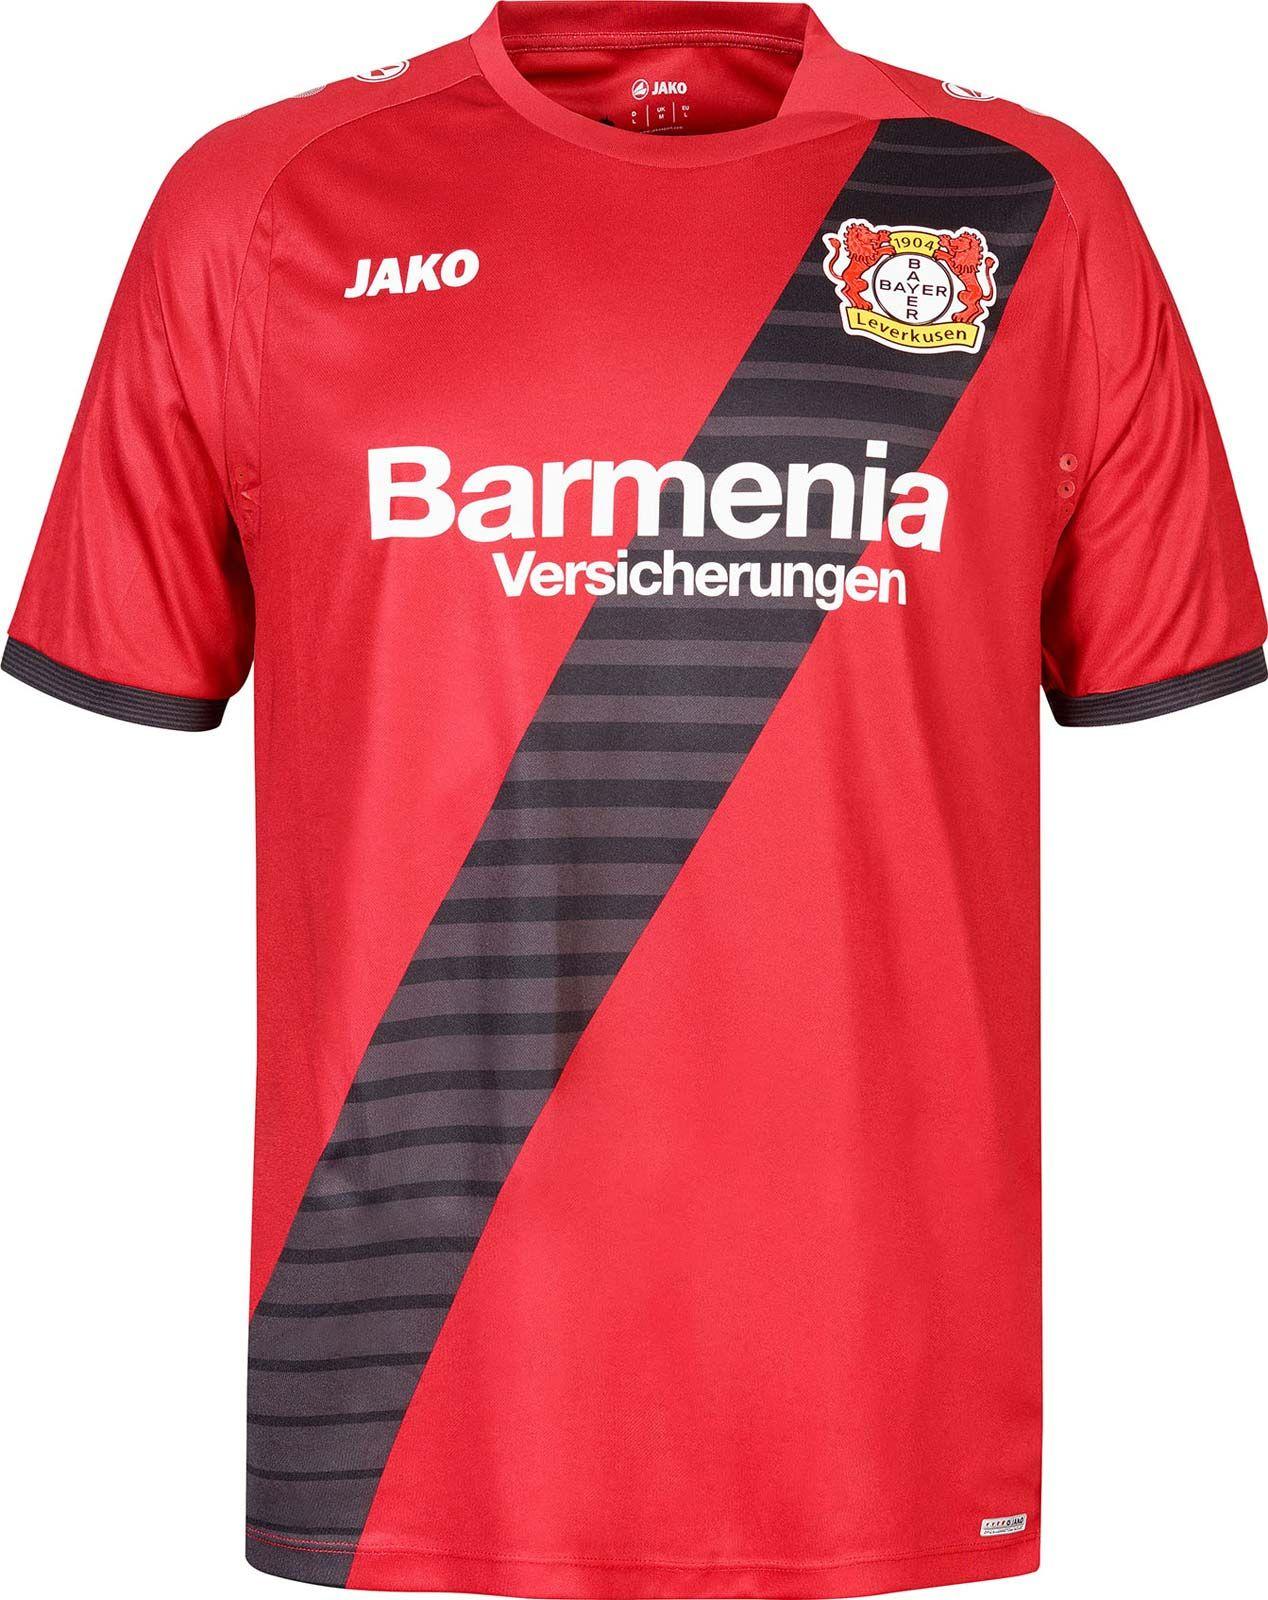 Bayer Leverkusen 16-17 Away Kit Released | Soccer shirts, Soccer ...